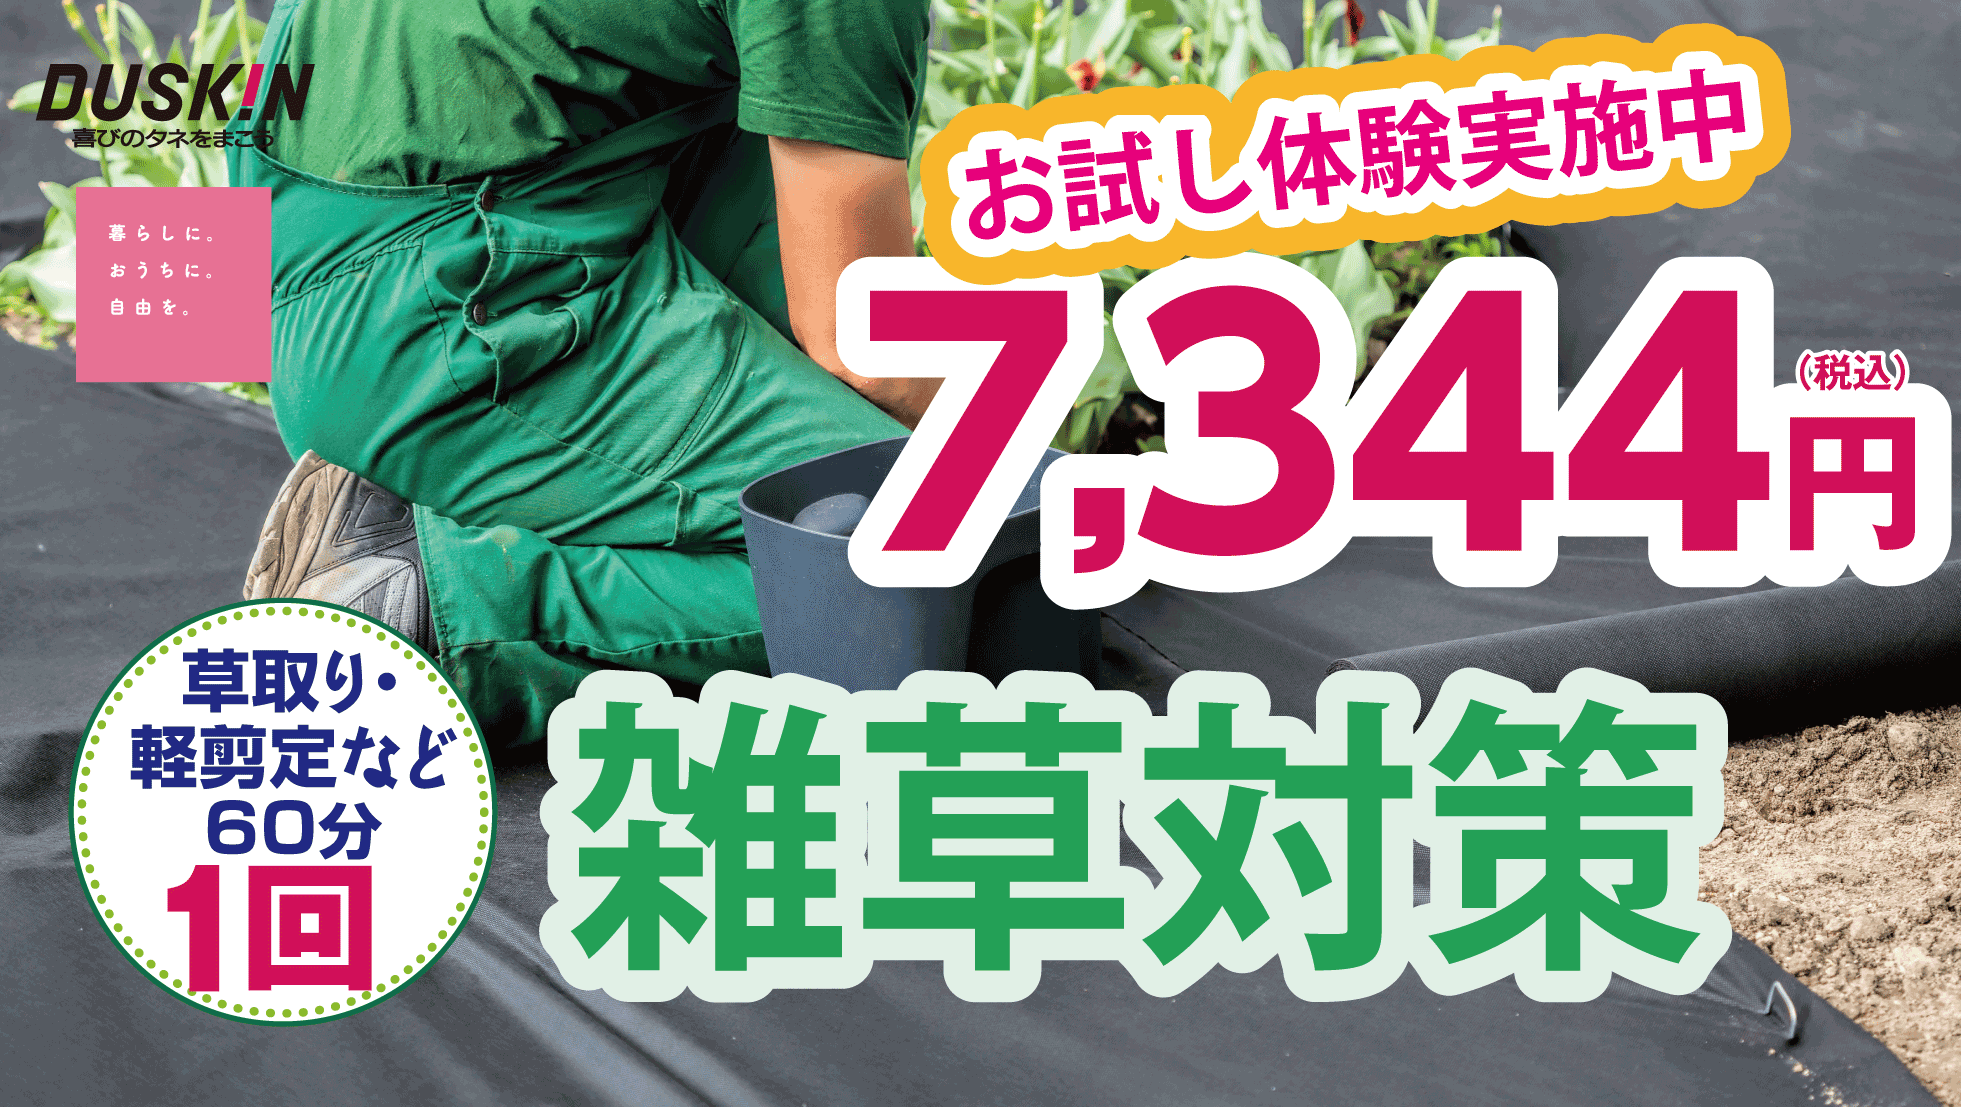 ダスキンの雑草対策、草取り、防草シート、雑草が目立たないサービス、名古屋全域対応